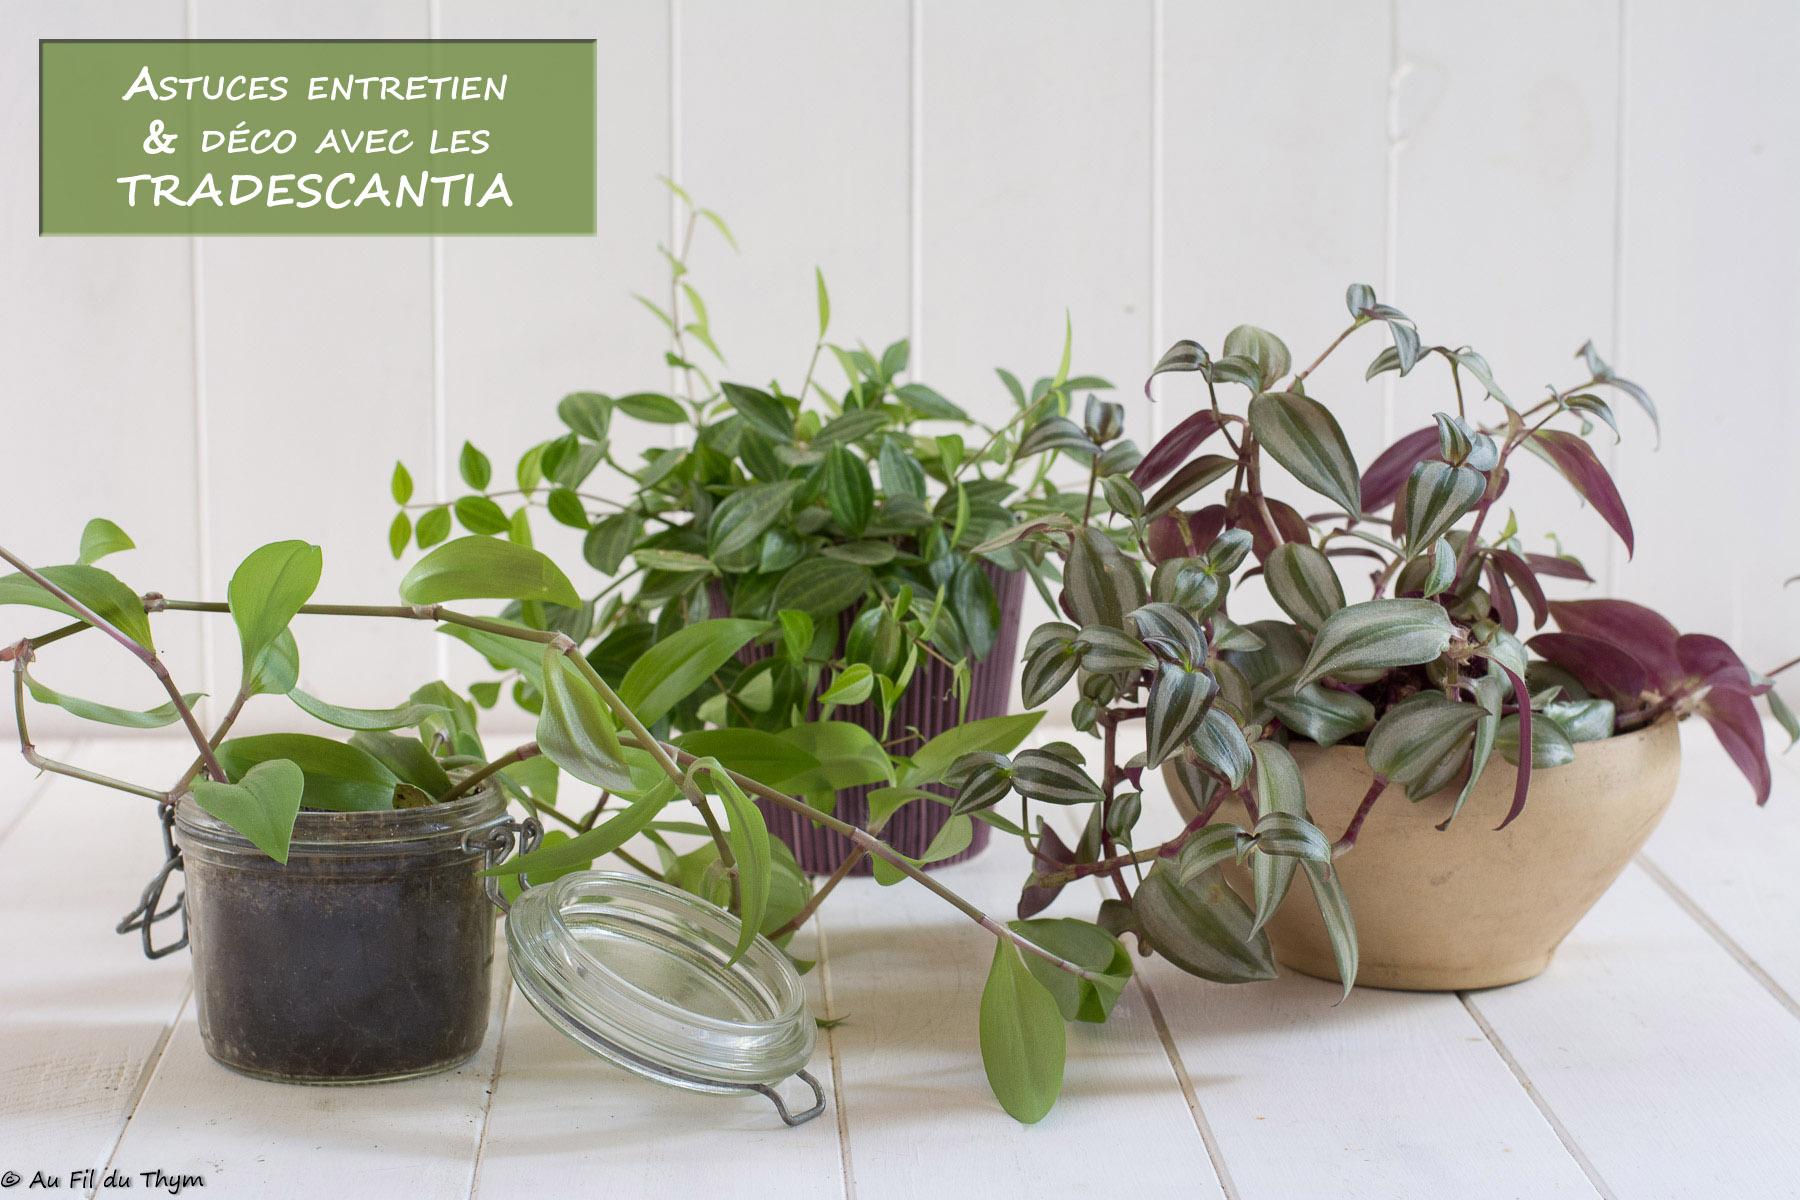 Comment Arroser Mes Plantes Pendant Les Vacances astuces pour apprivoiser les tradescantias (entretien